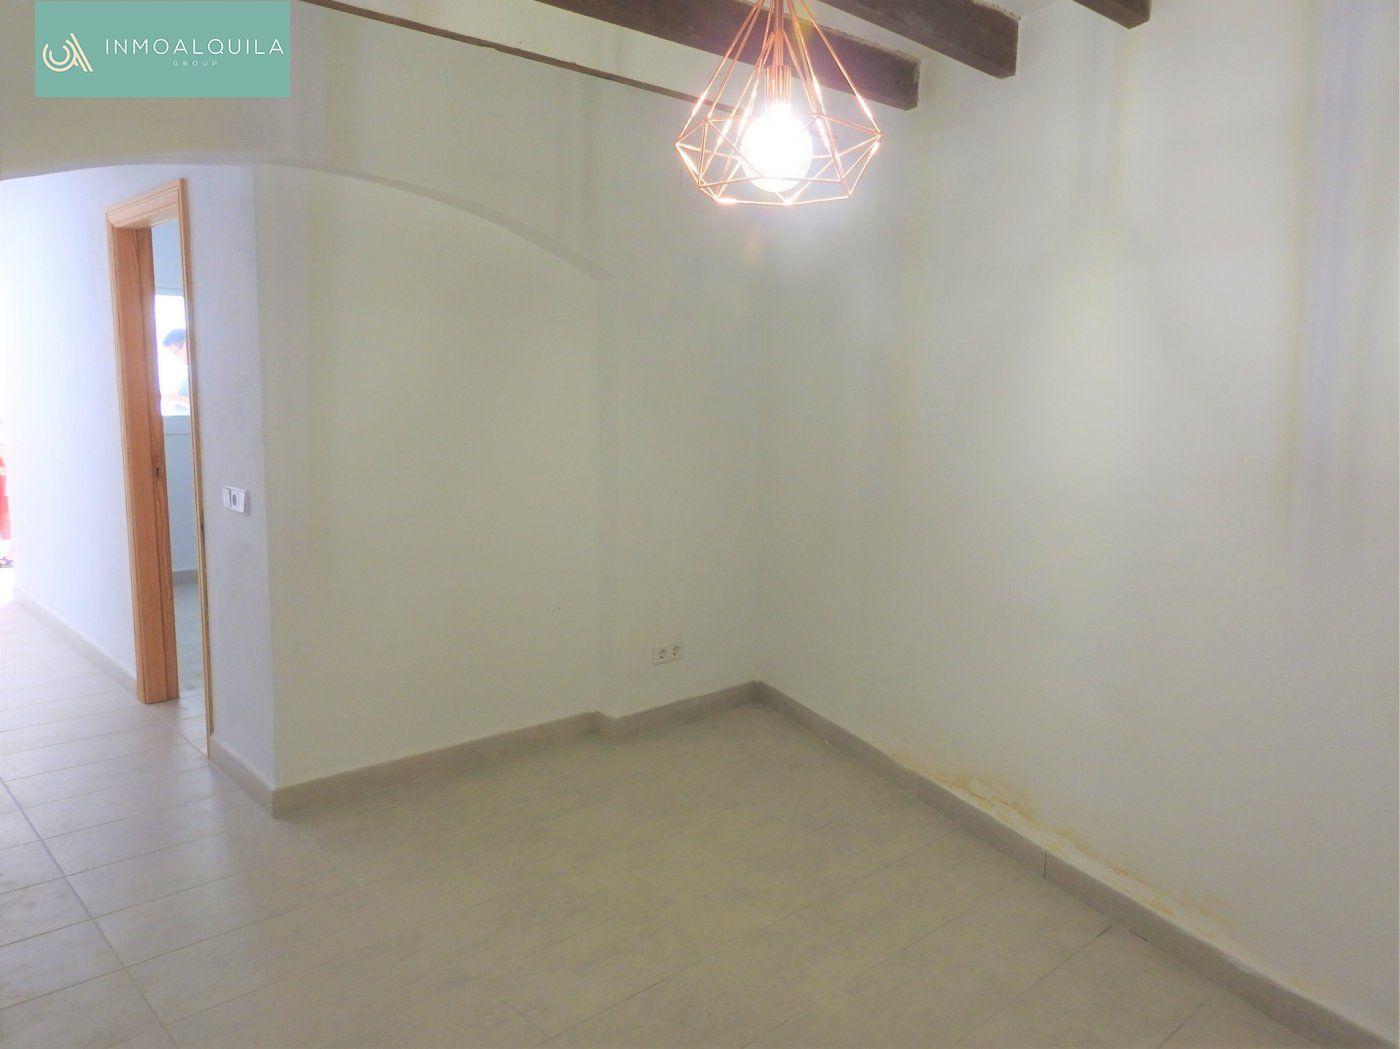 Alquiler Piso  Muro ,centro. Se alquila planta baja de una habitación. 60m2. 1hab. 1baño,  pa